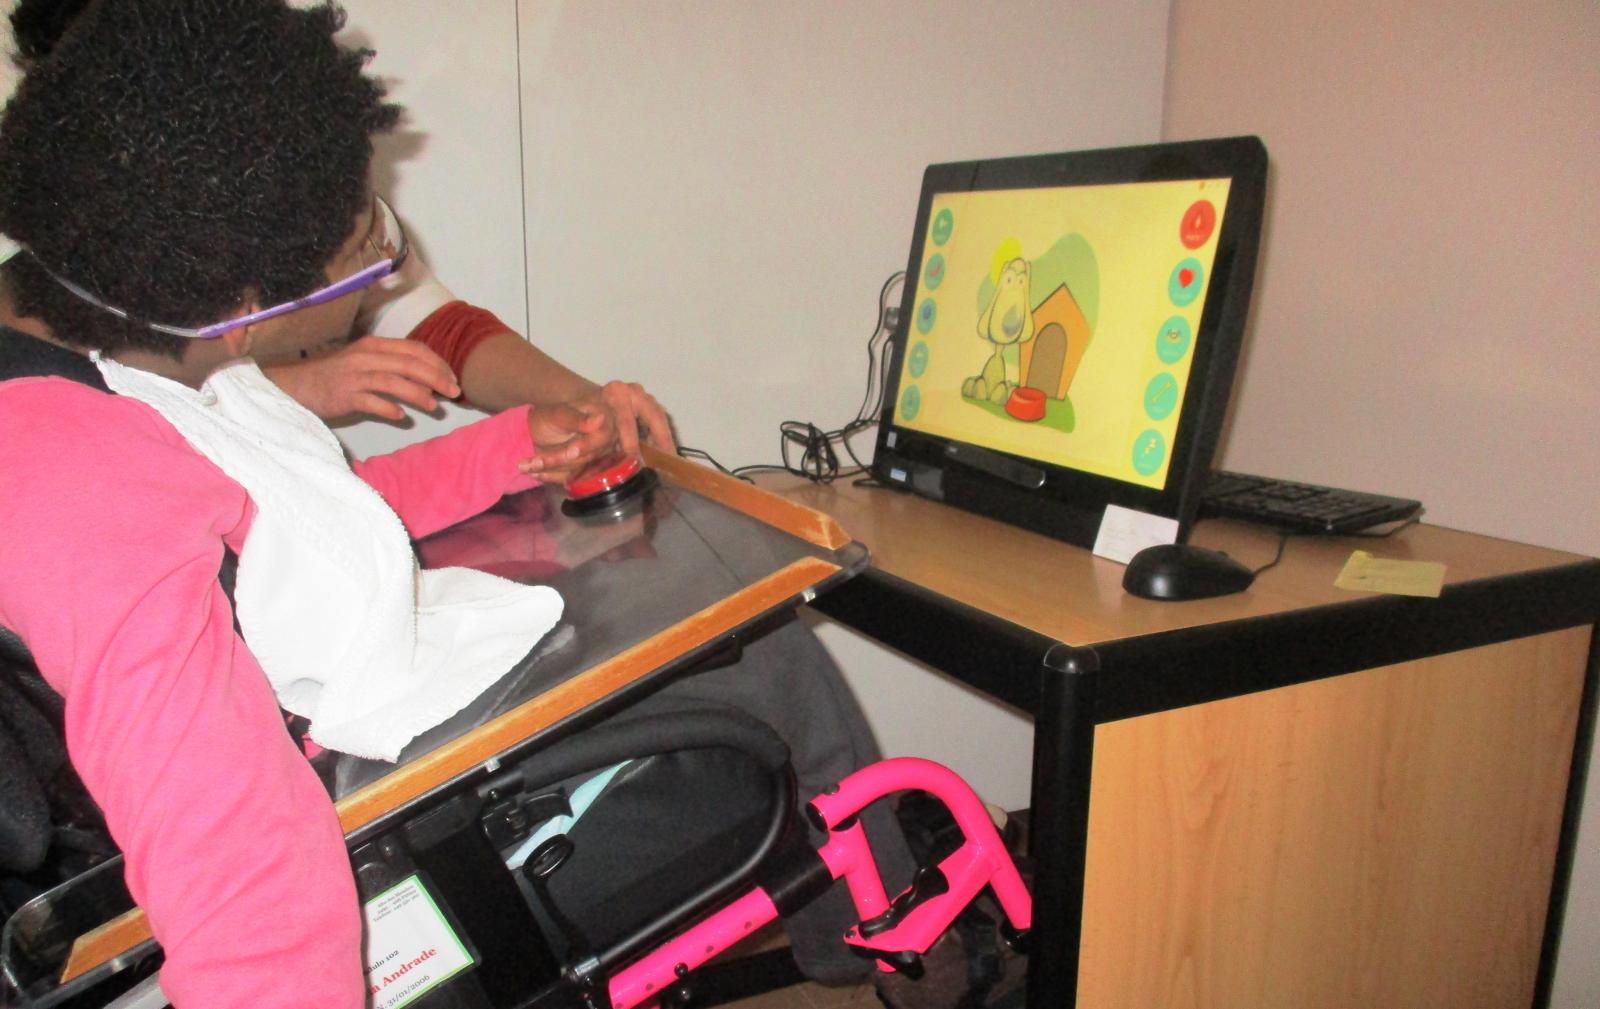 Donativo facilita comunicação a crianças e jovens com deficiência